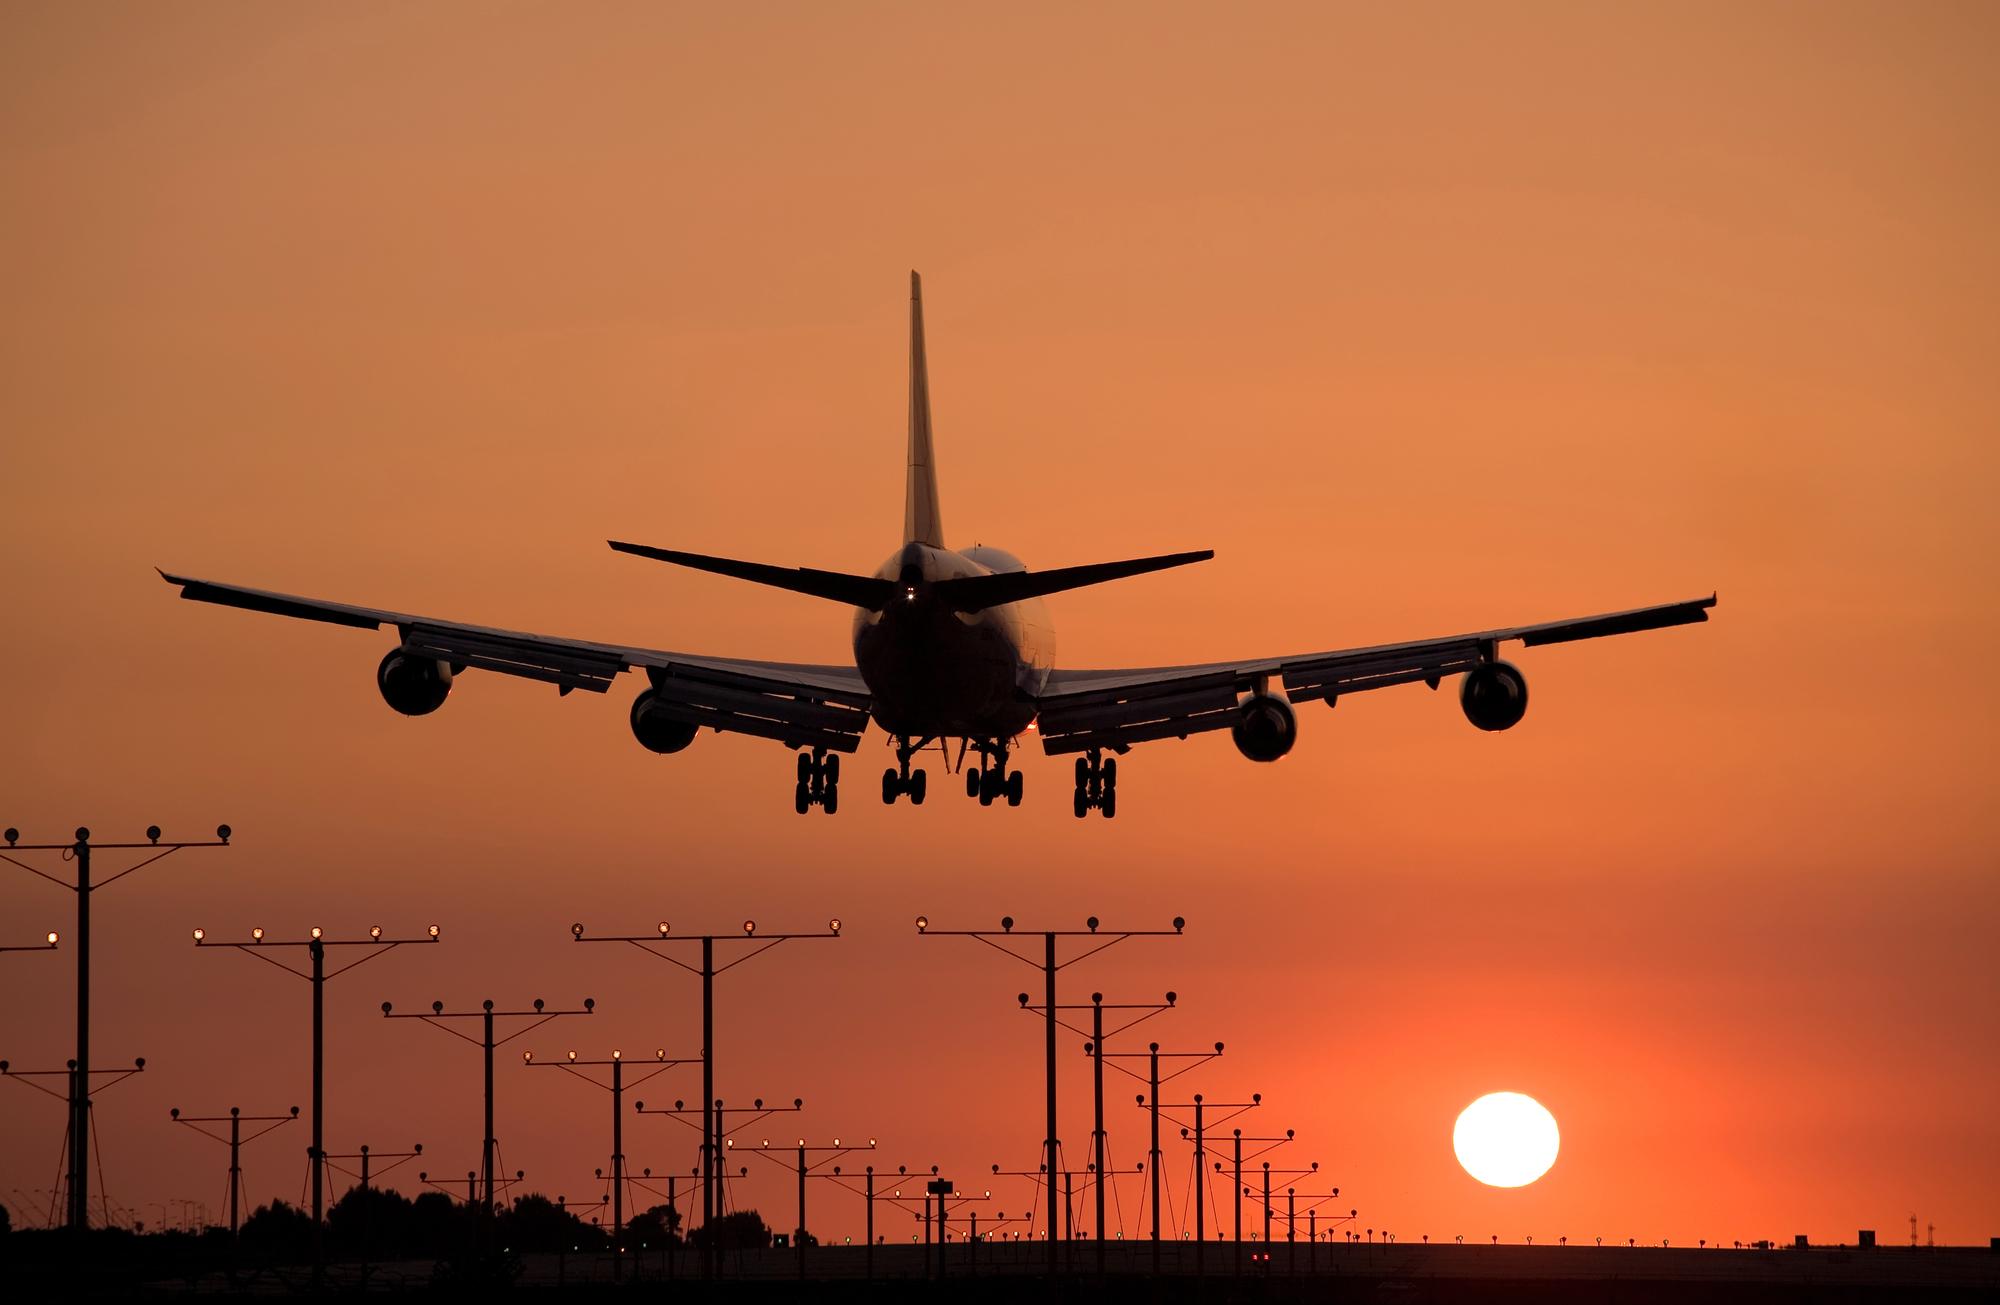 Vueling et Barcelon-El Prat ont connu tous deux le plus de vols annulés ou retardés cet été © Depositphotos